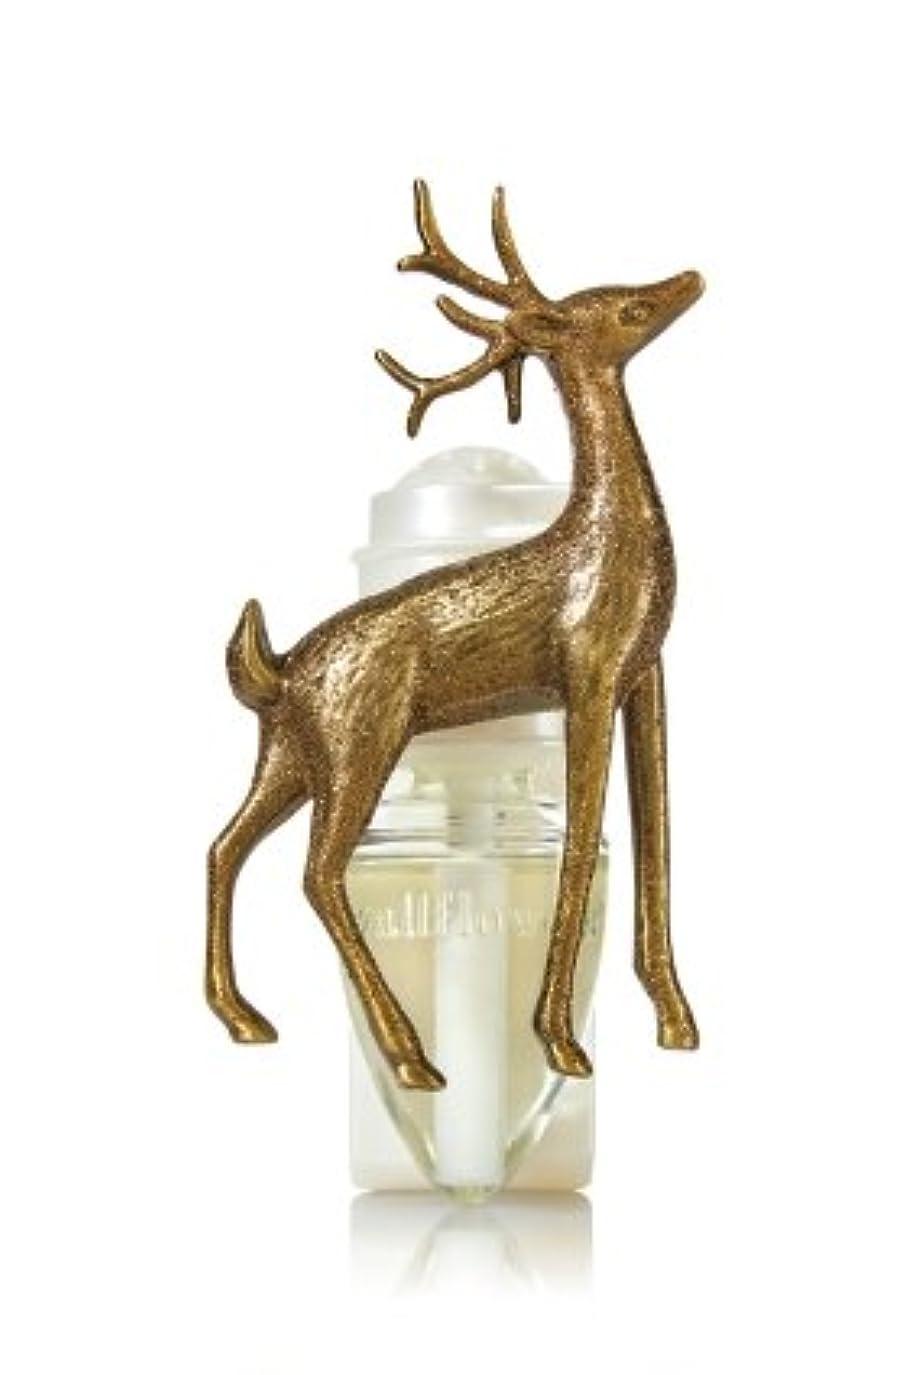 ジャーナリストセミナー会員【Bath&Body Works/バス&ボディワークス】 ルームフレグランス プラグインスターター (本体のみ) ウッドランドディアー Wallflowers Fragrance Plug Woodland Deer [並行輸入品]